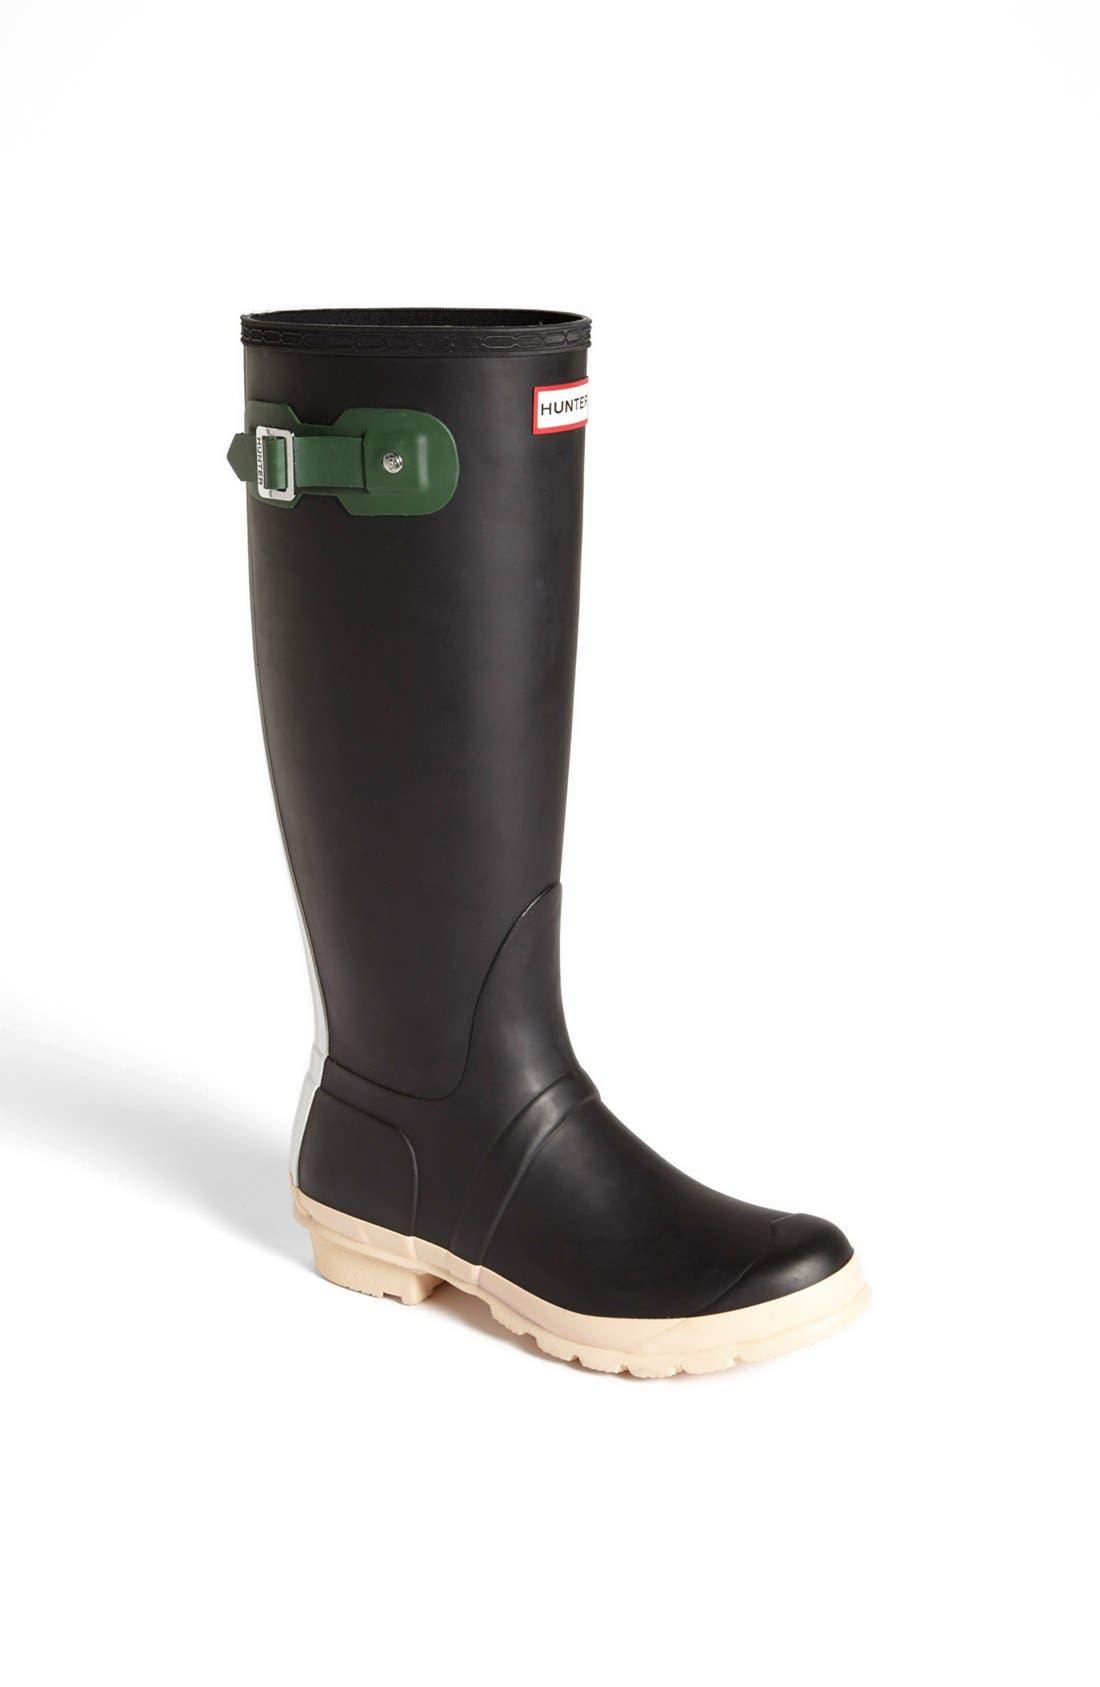 Alternate Image 1 Selected - Hunter 'Original - Contrast' Waterproof Rain Boot (Women)